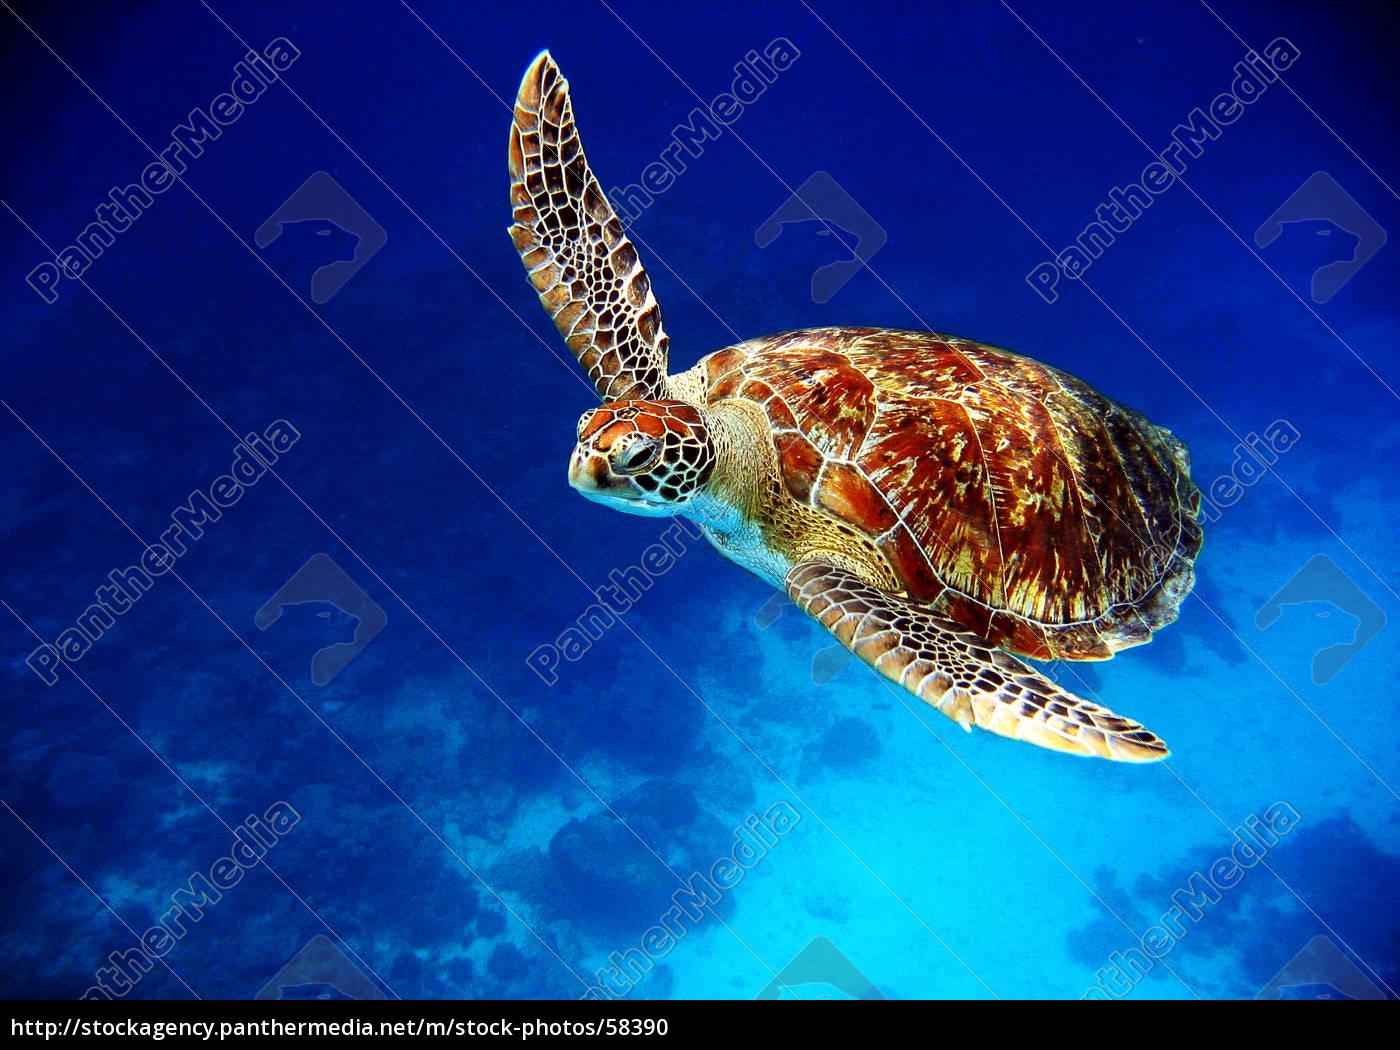 schildkröte2 - 58390